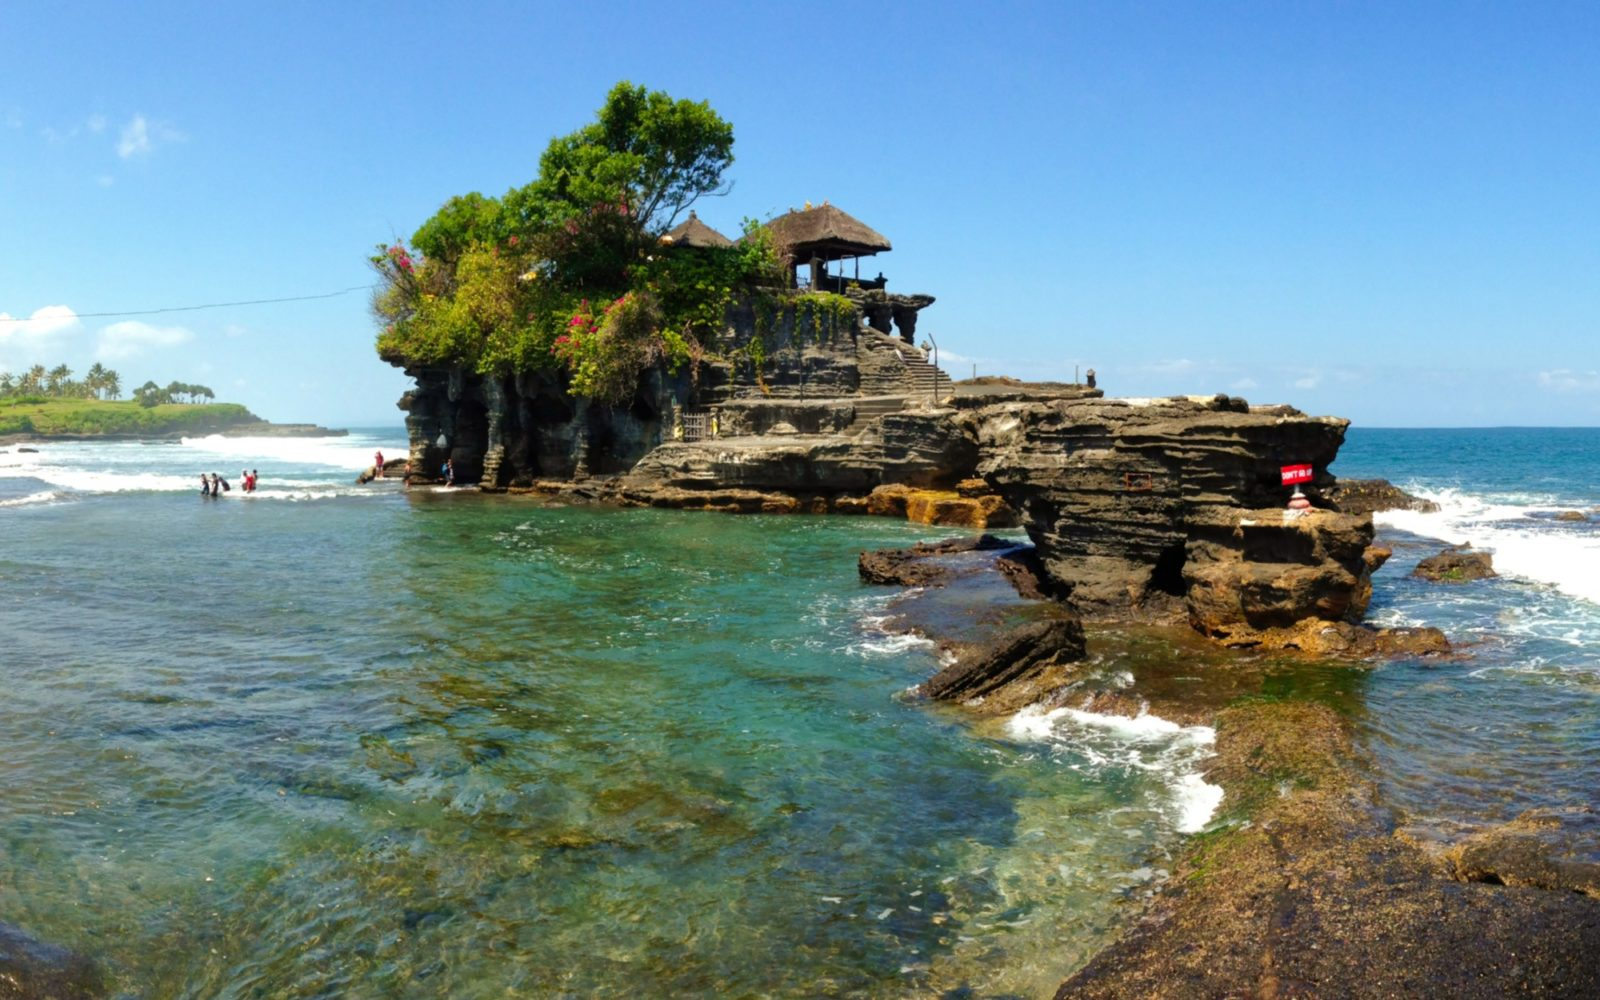 Pura Tanah Lot Tiket & Atraksi Wisata November 8 - TravelsPromo